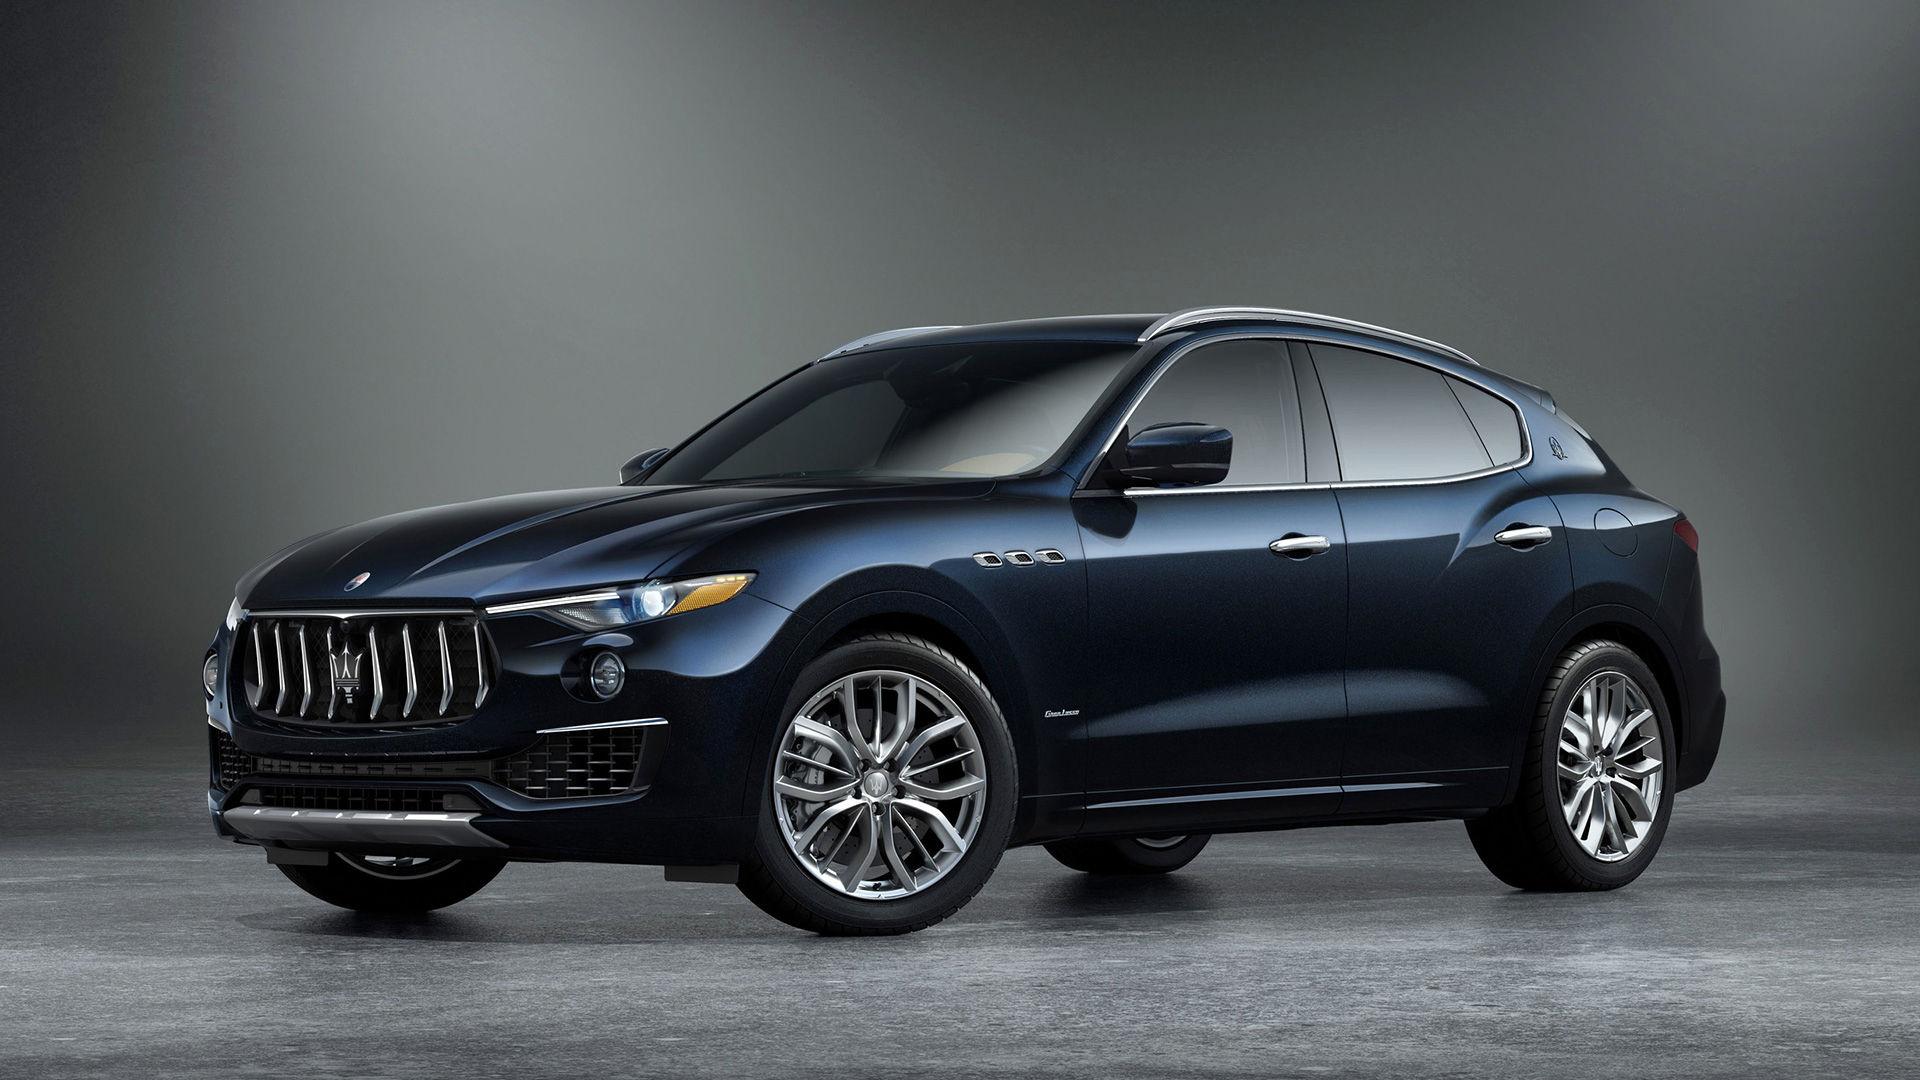 Maserati Levante - Edizione Nobile - Side view